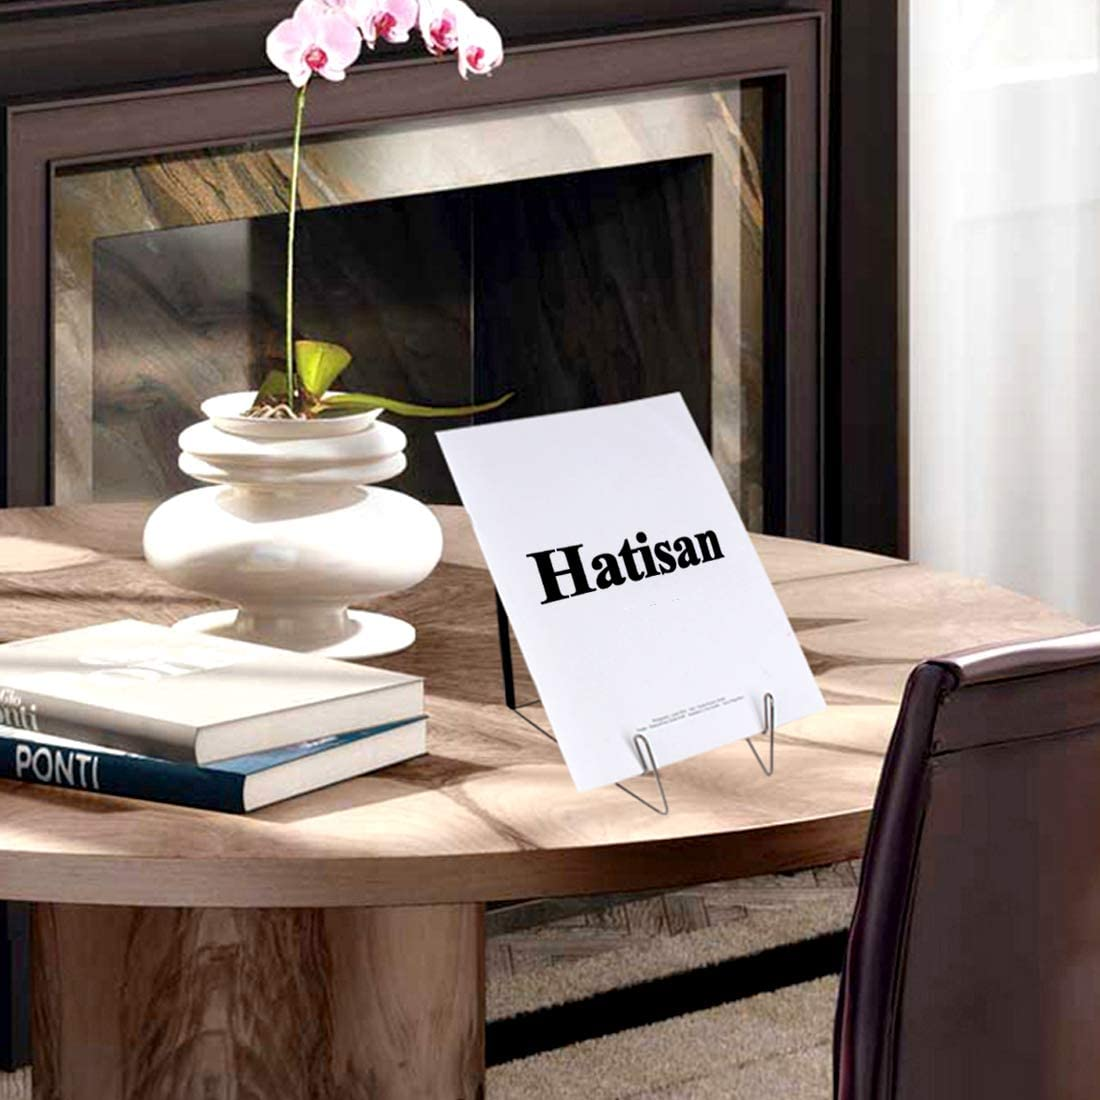 4 Libreria in Metallo Fold-n-Stow Leggio Supporto per Espositore Cavalletto Libri Musicalie con cavalletto Piccolo Libro Resto per Controsoffitti della Cucina hatisan Regolabile Stand di Libri